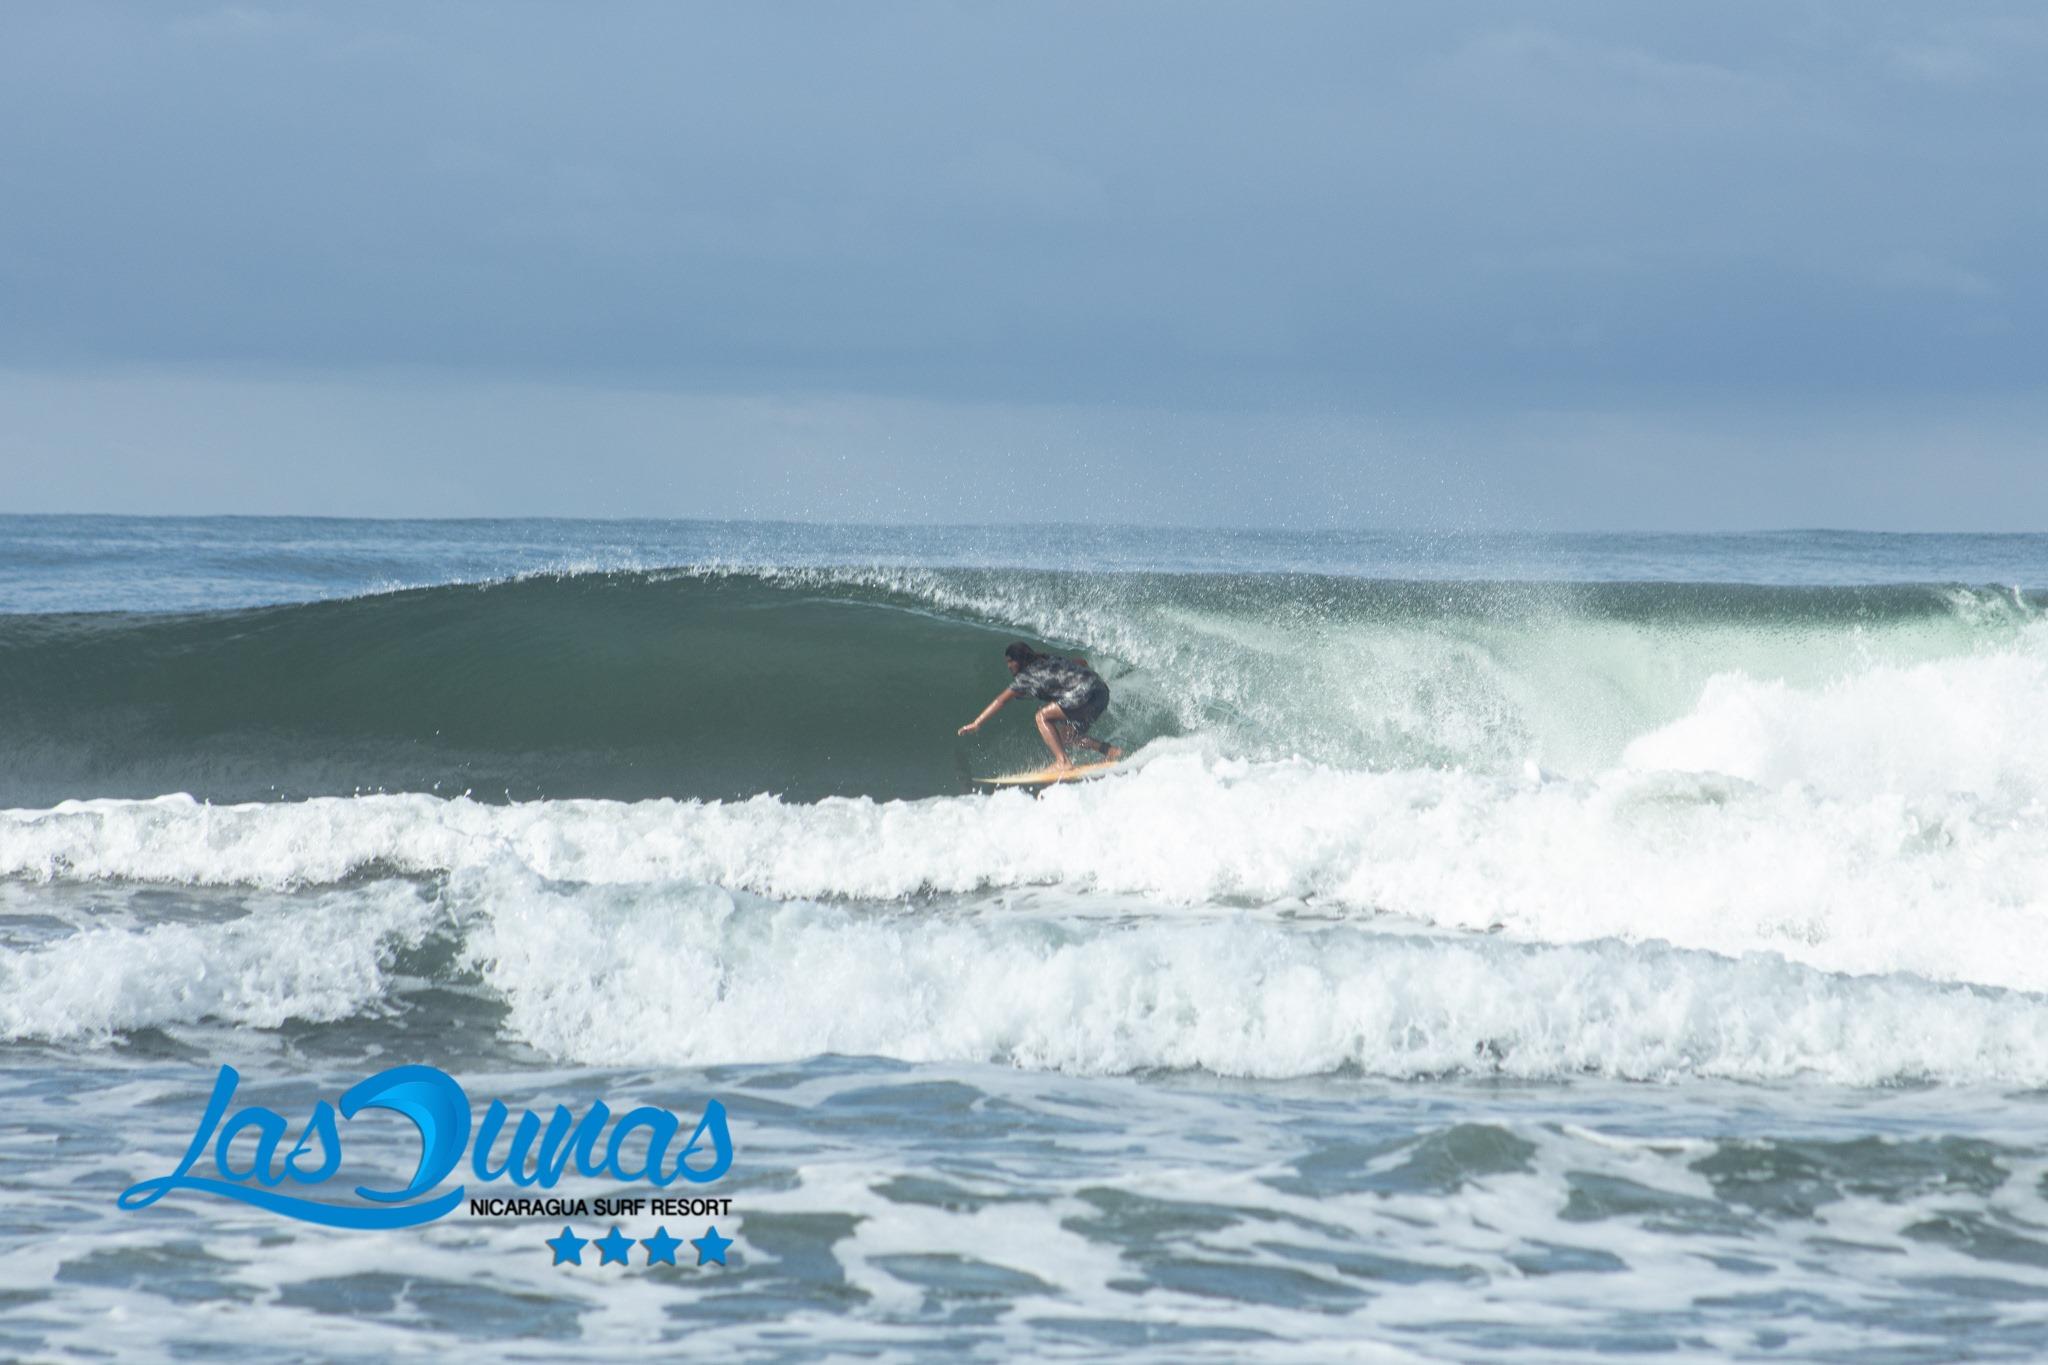 Surf in Las Dunas Surf Resort Nicaragua